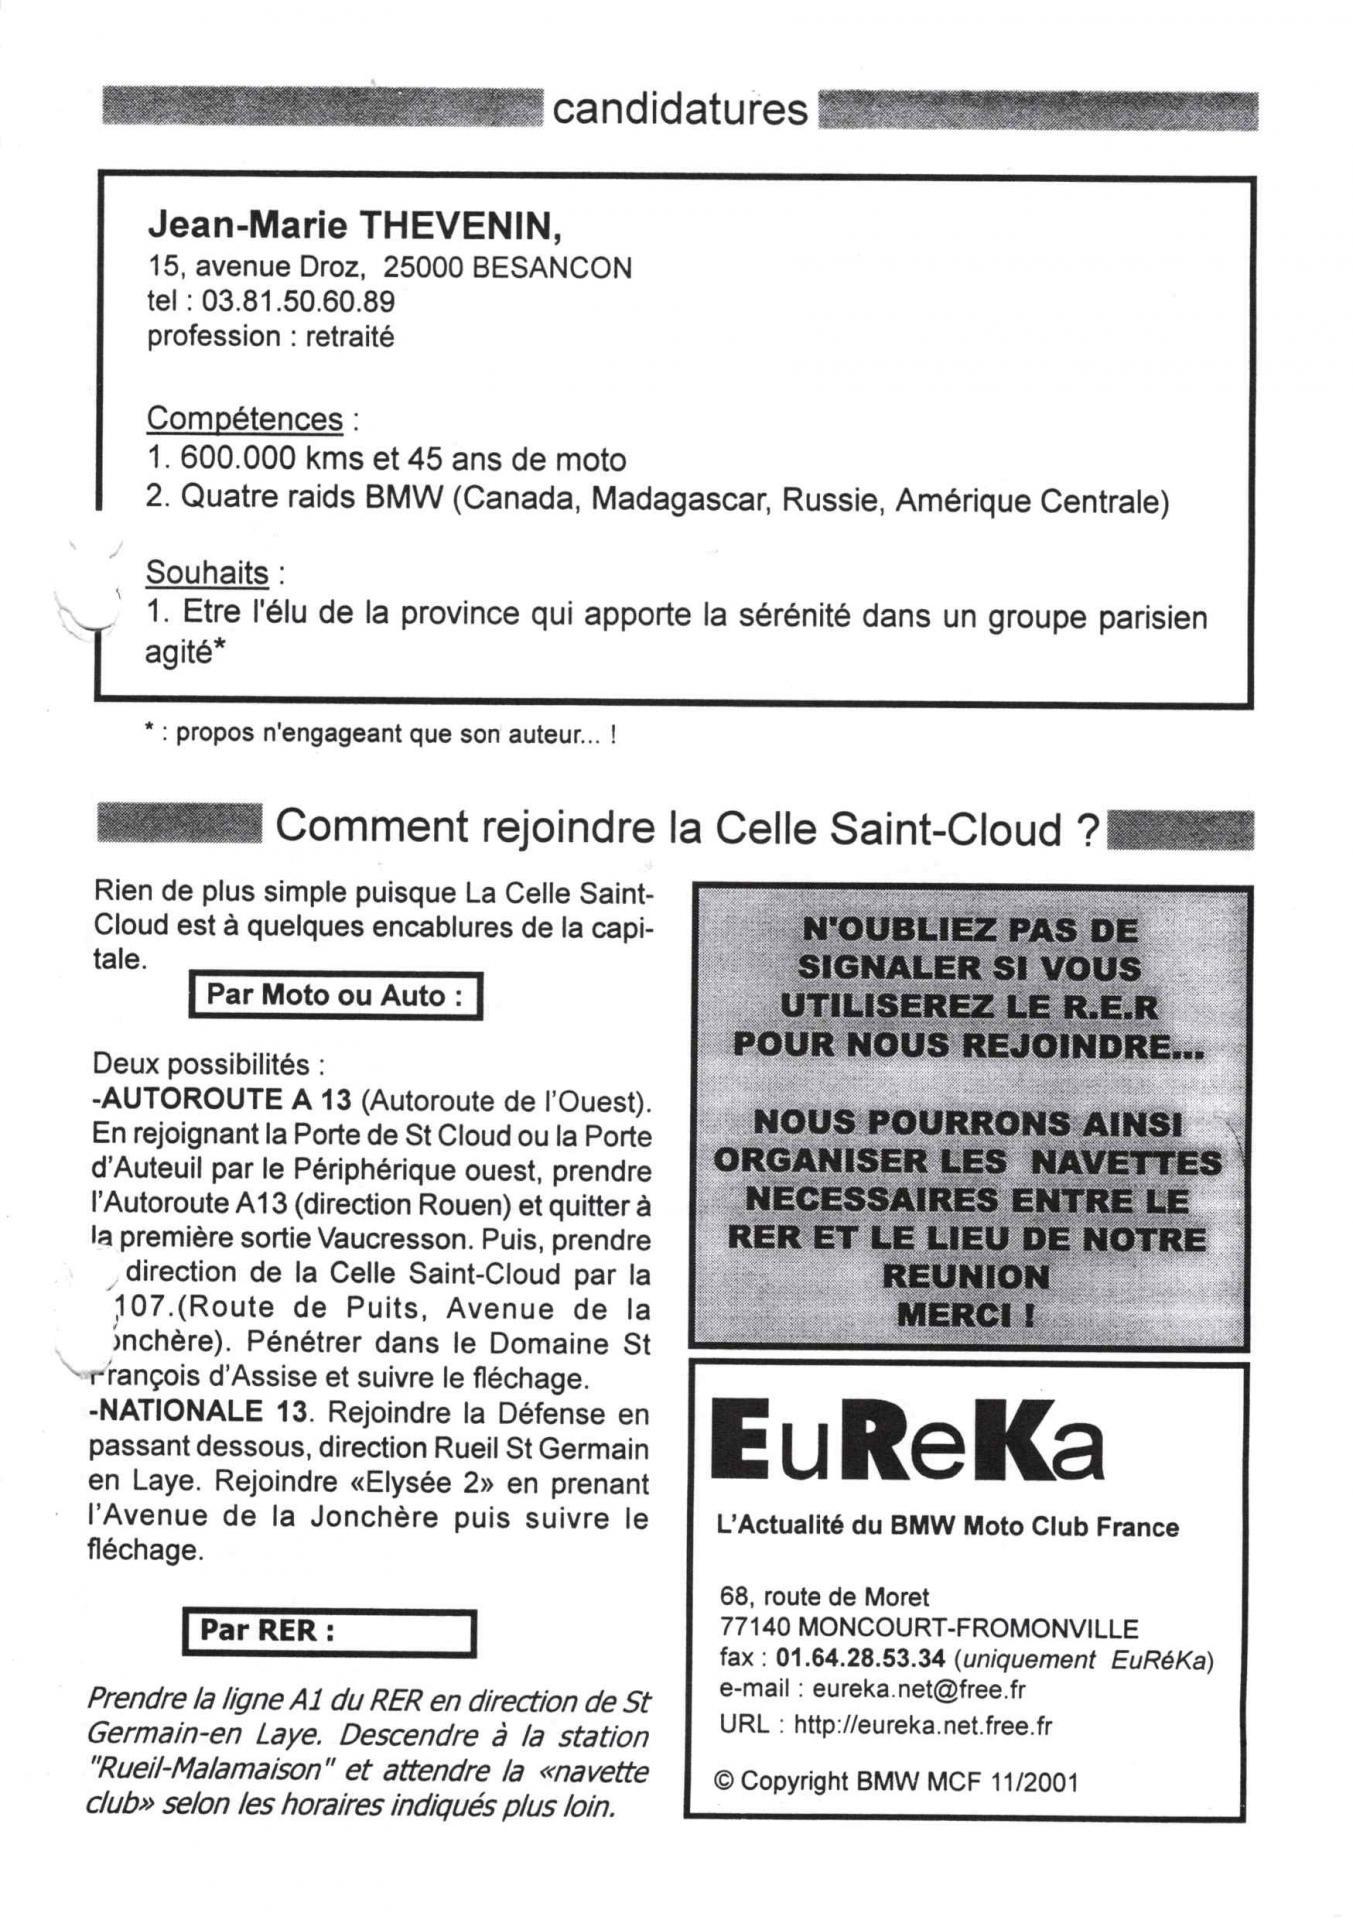 2001 11 eureka express 3